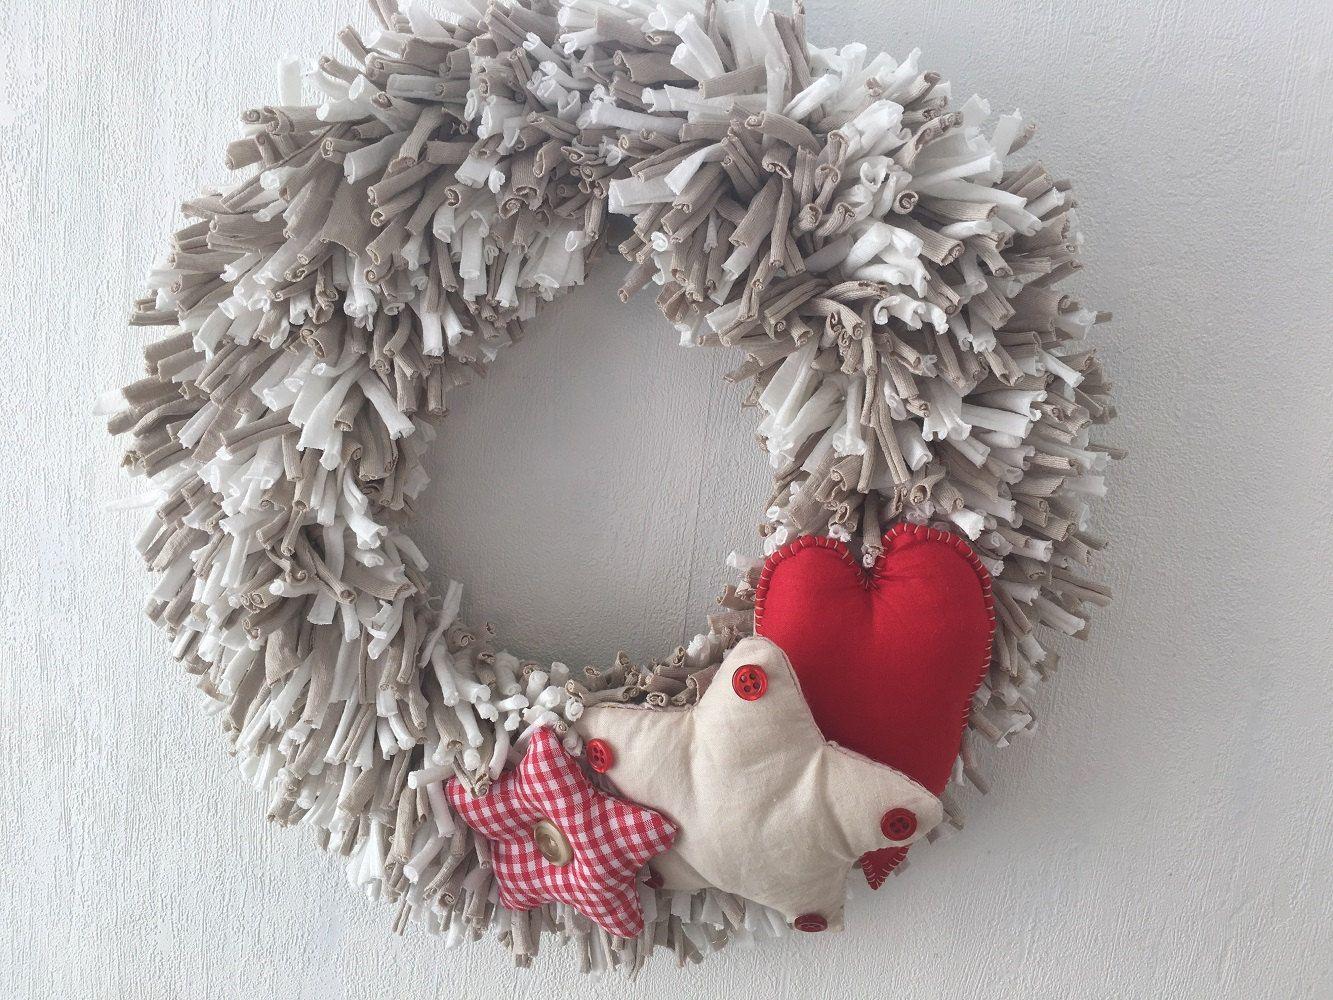 corona navidad hecha a mano corona trapillo beige y blanca decoracin navidad corona con estrellas y corazon rojo with decoracion navidea hecha a mano